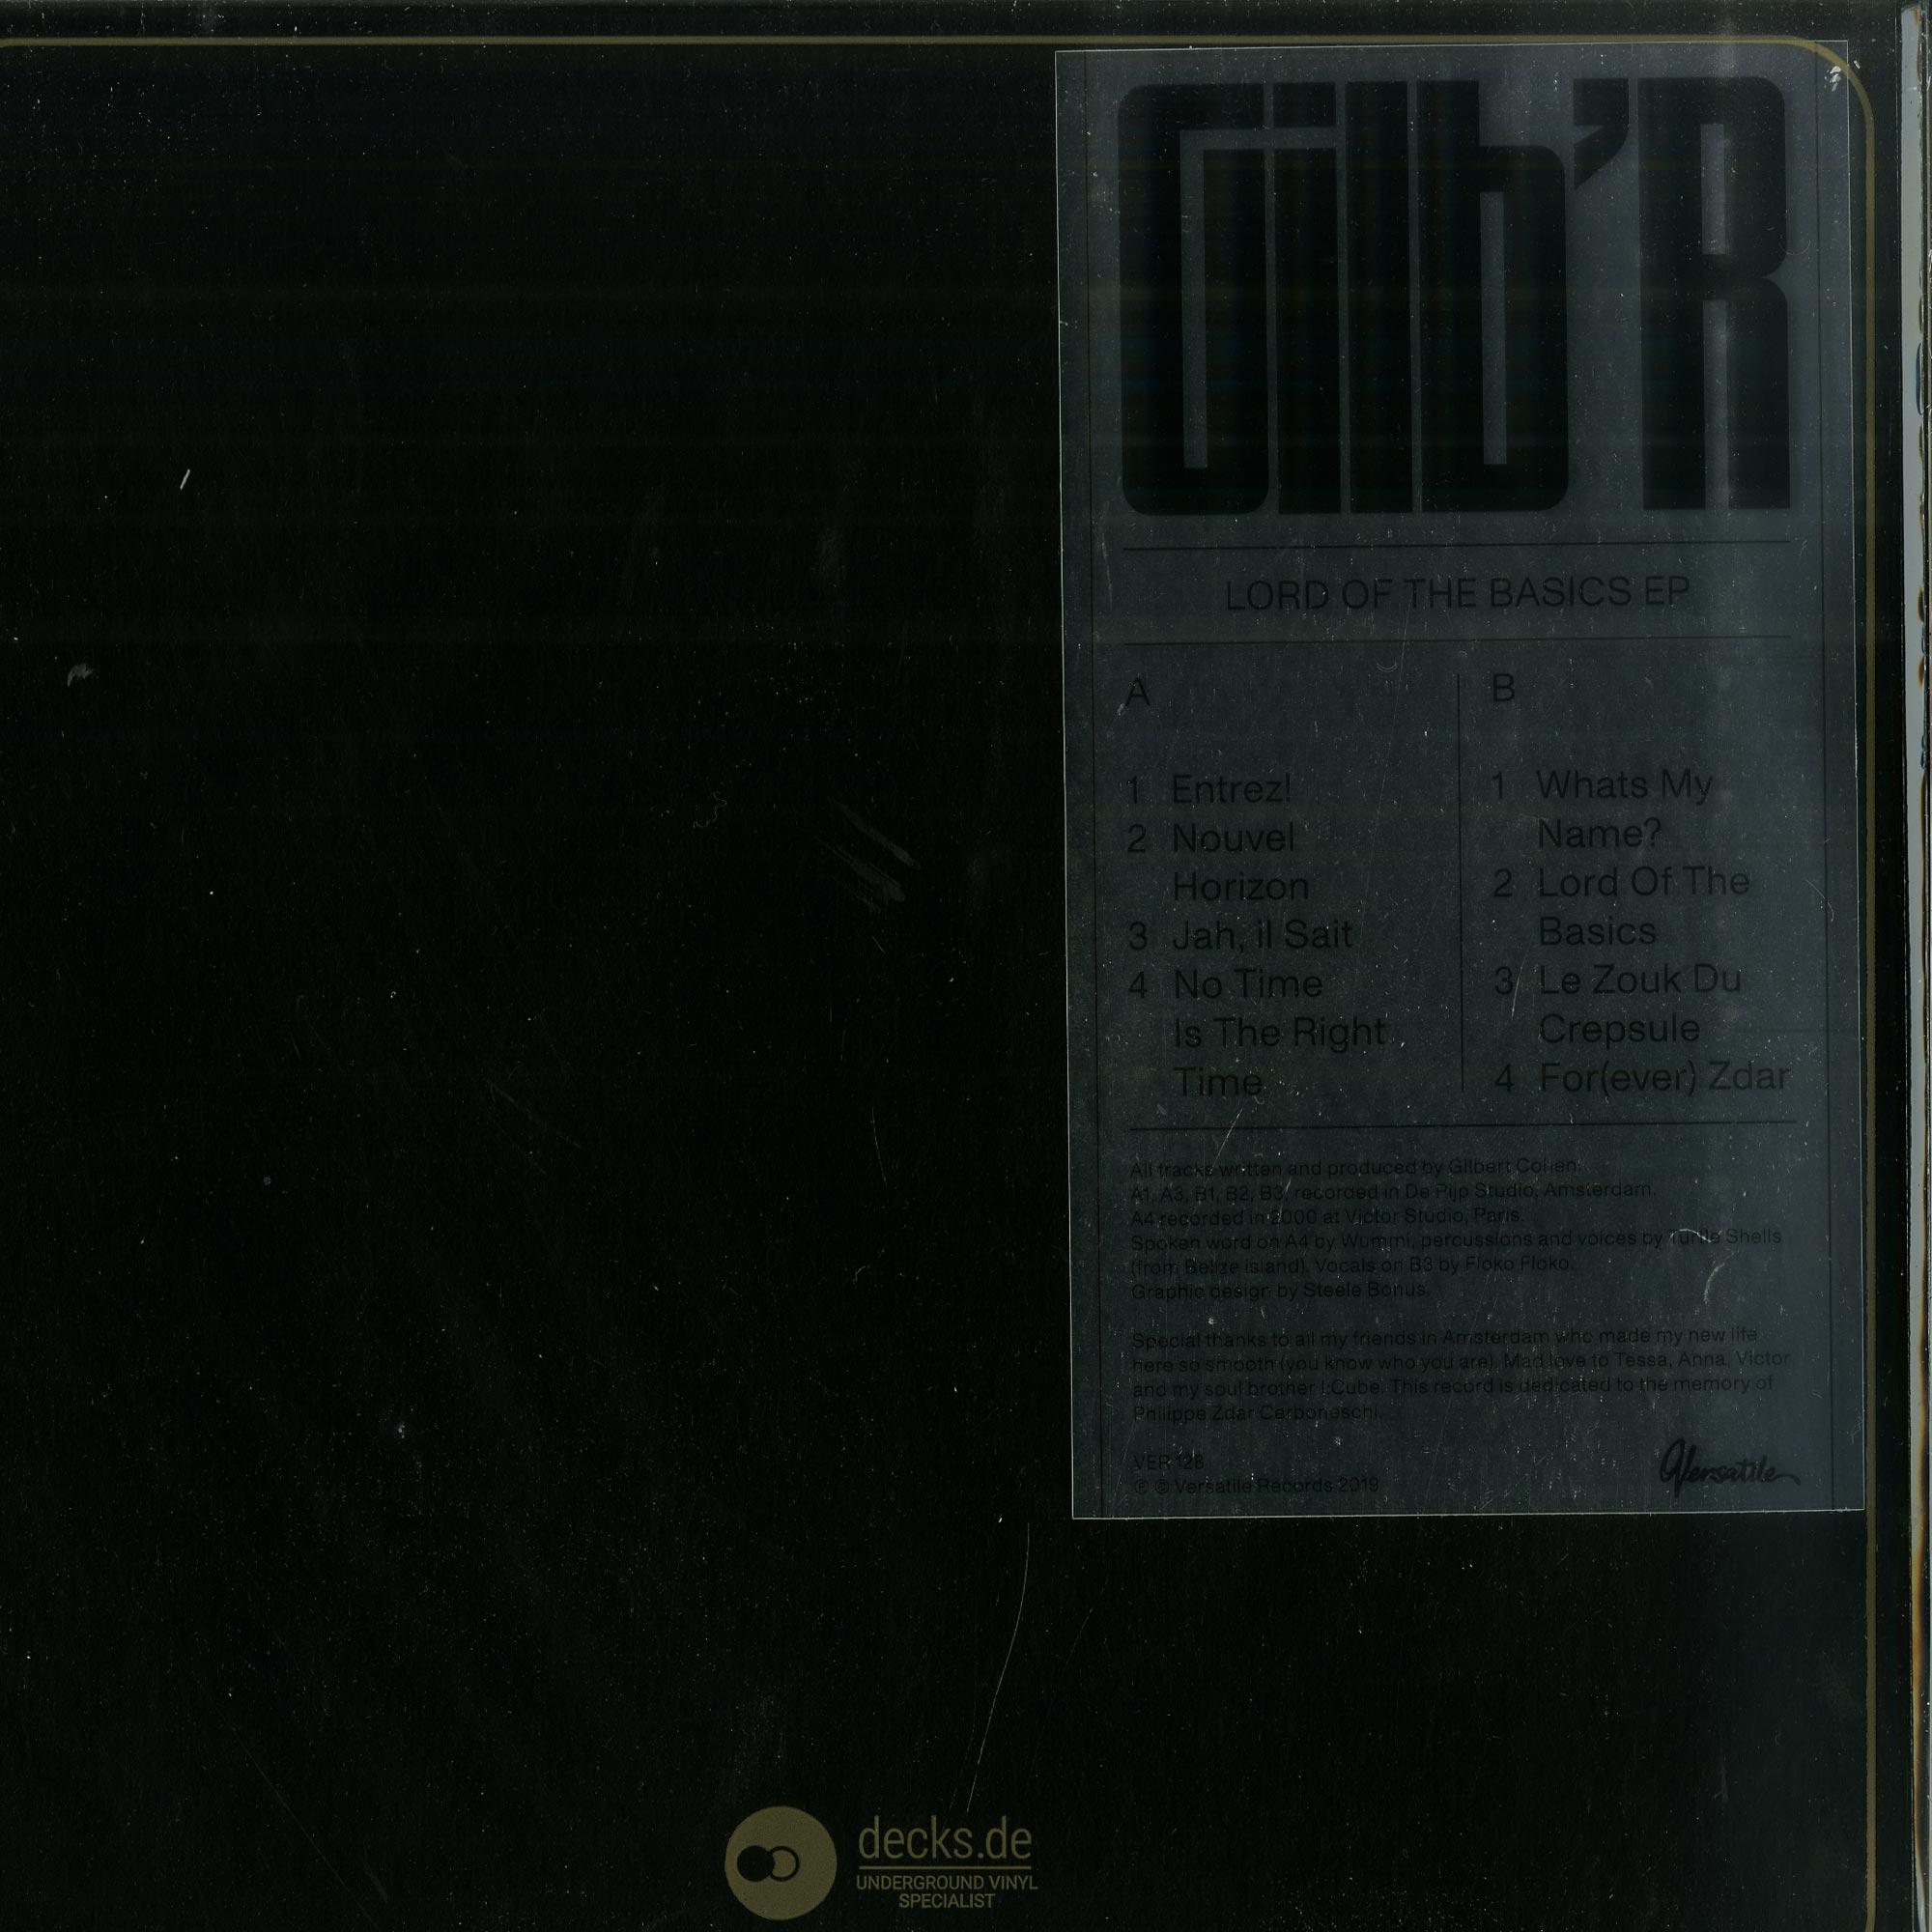 Gilb R - LORD OF THE BASICS EP